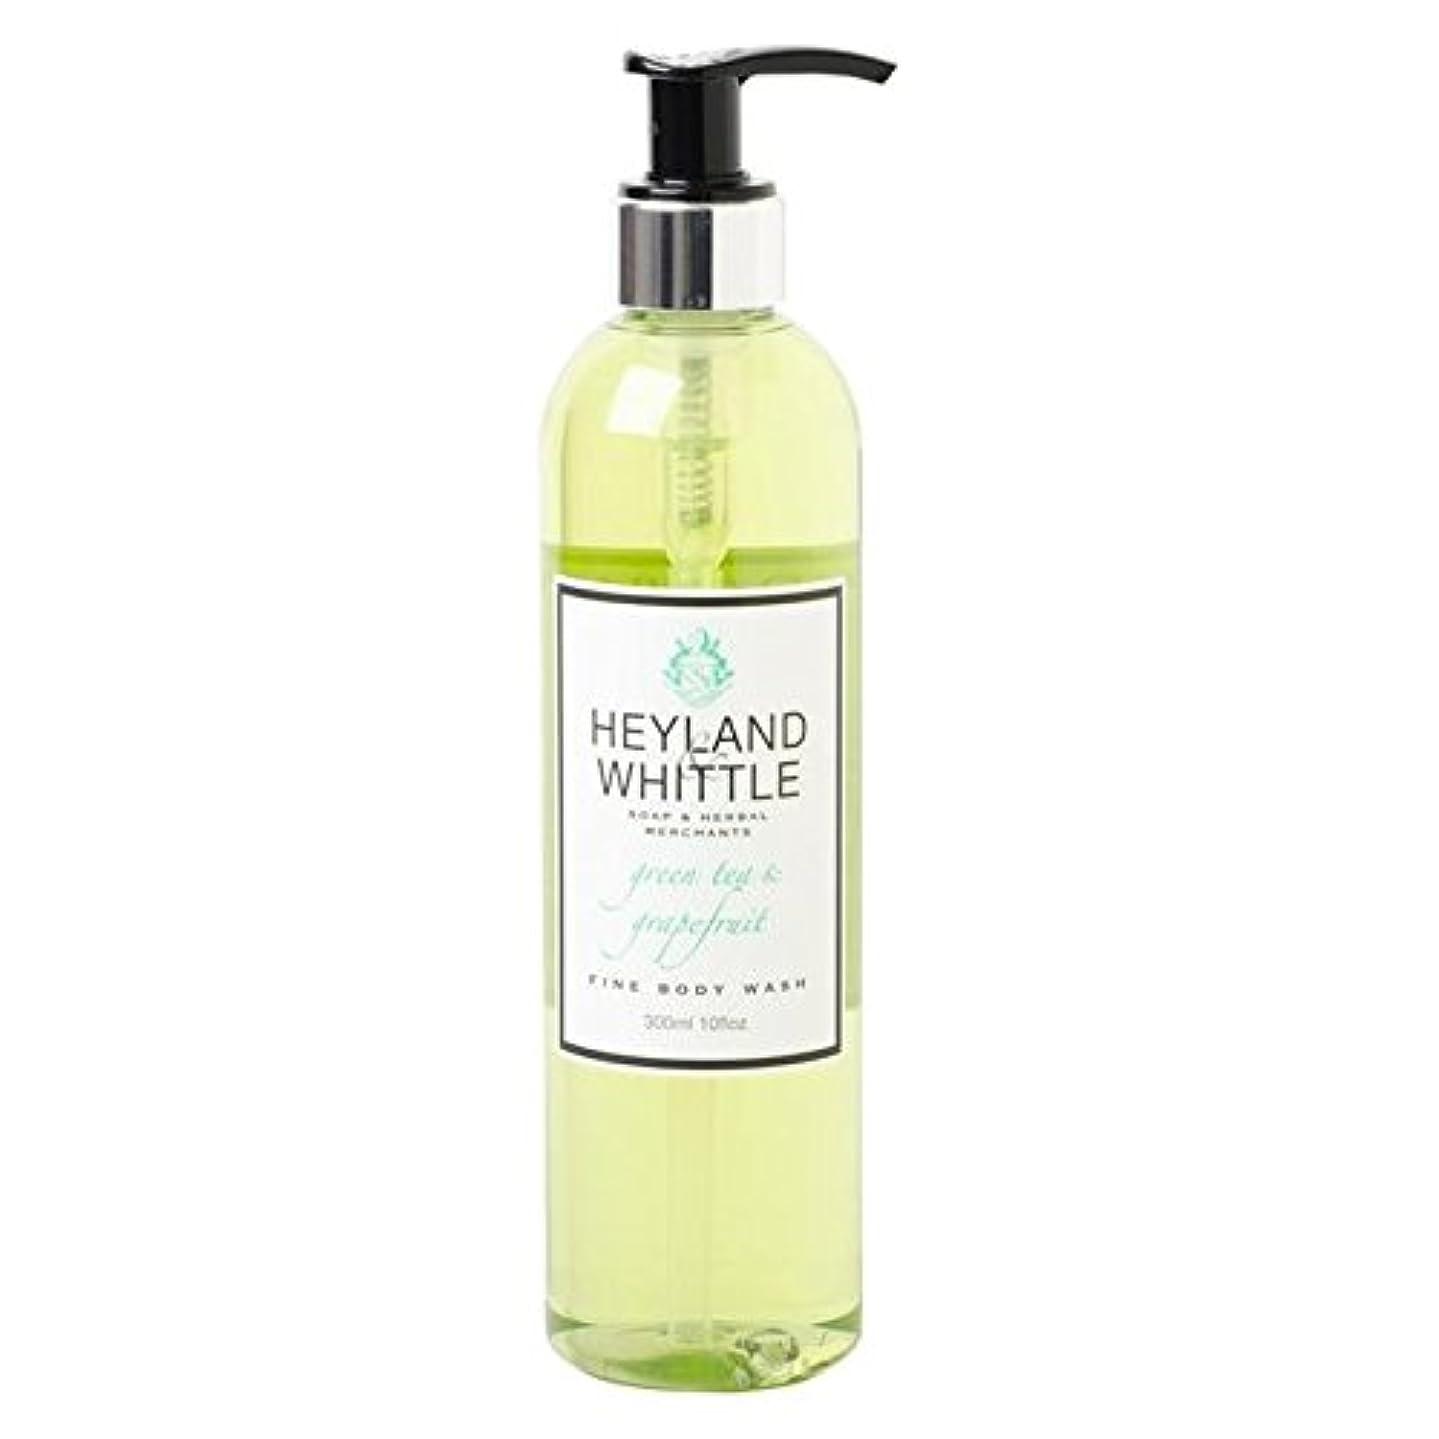 警告センチメンタル一見Heyland & Whittle Greentea & Grapefruit Body Wash 300ml - &削るグリーンティ&グレープフルーツボディウォッシュ300ミリリットル [並行輸入品]